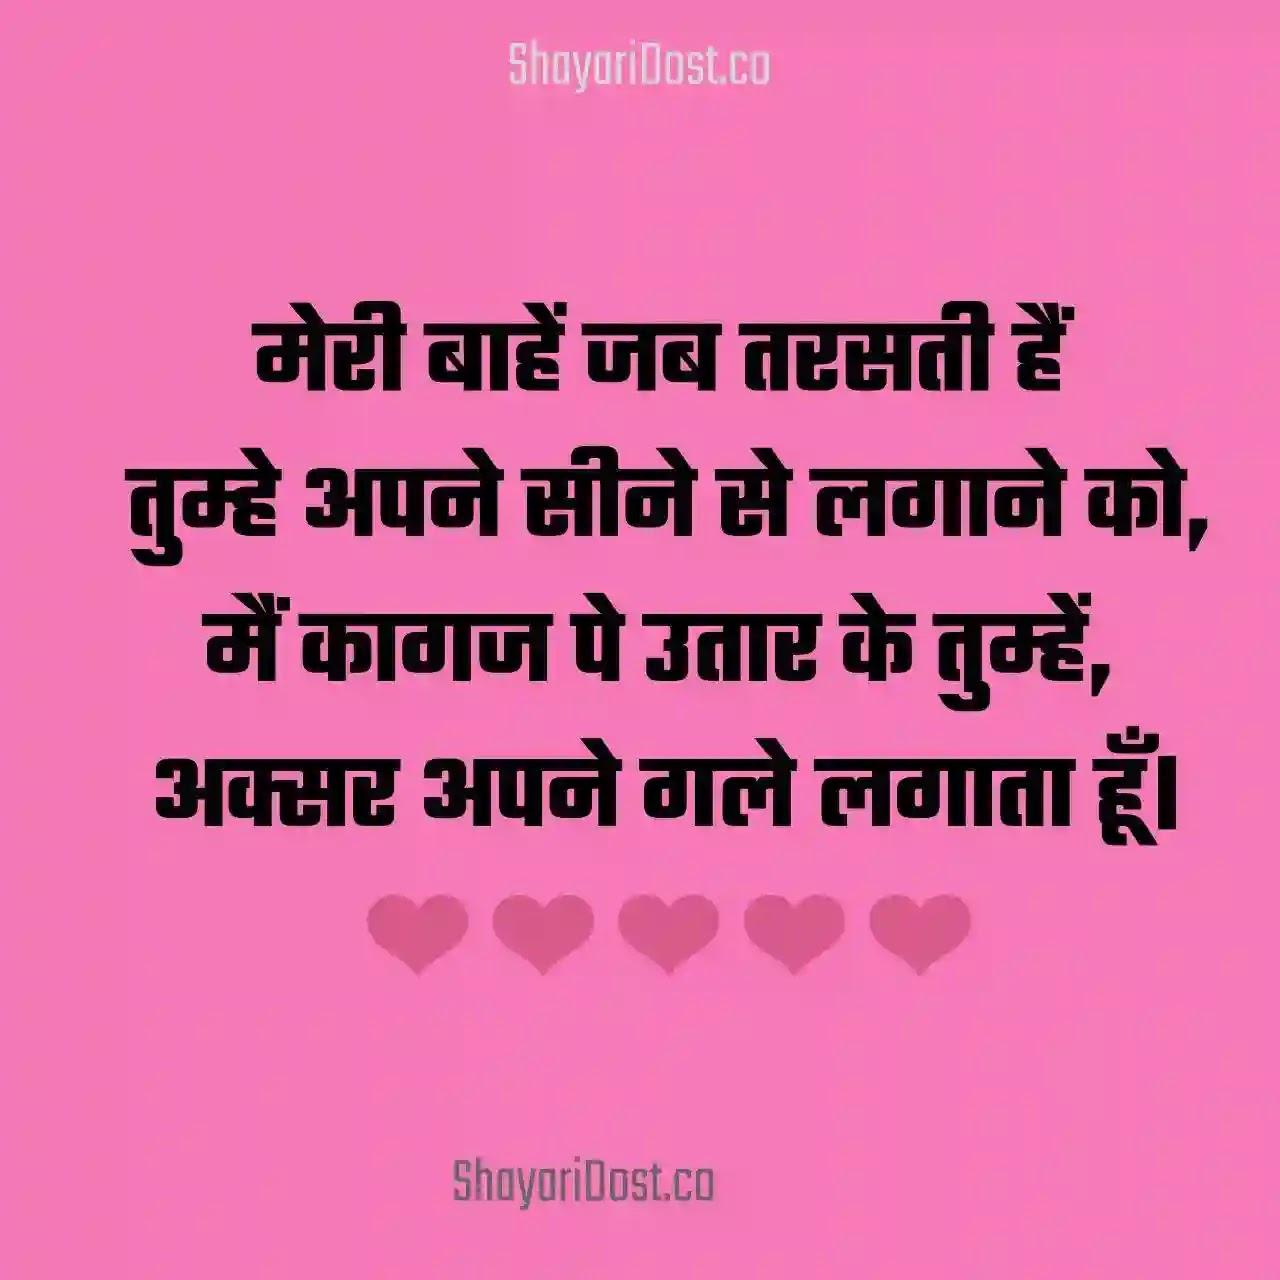 Sad,Breakup Hindi Love Shayari - Sad Hindi Shayari Images